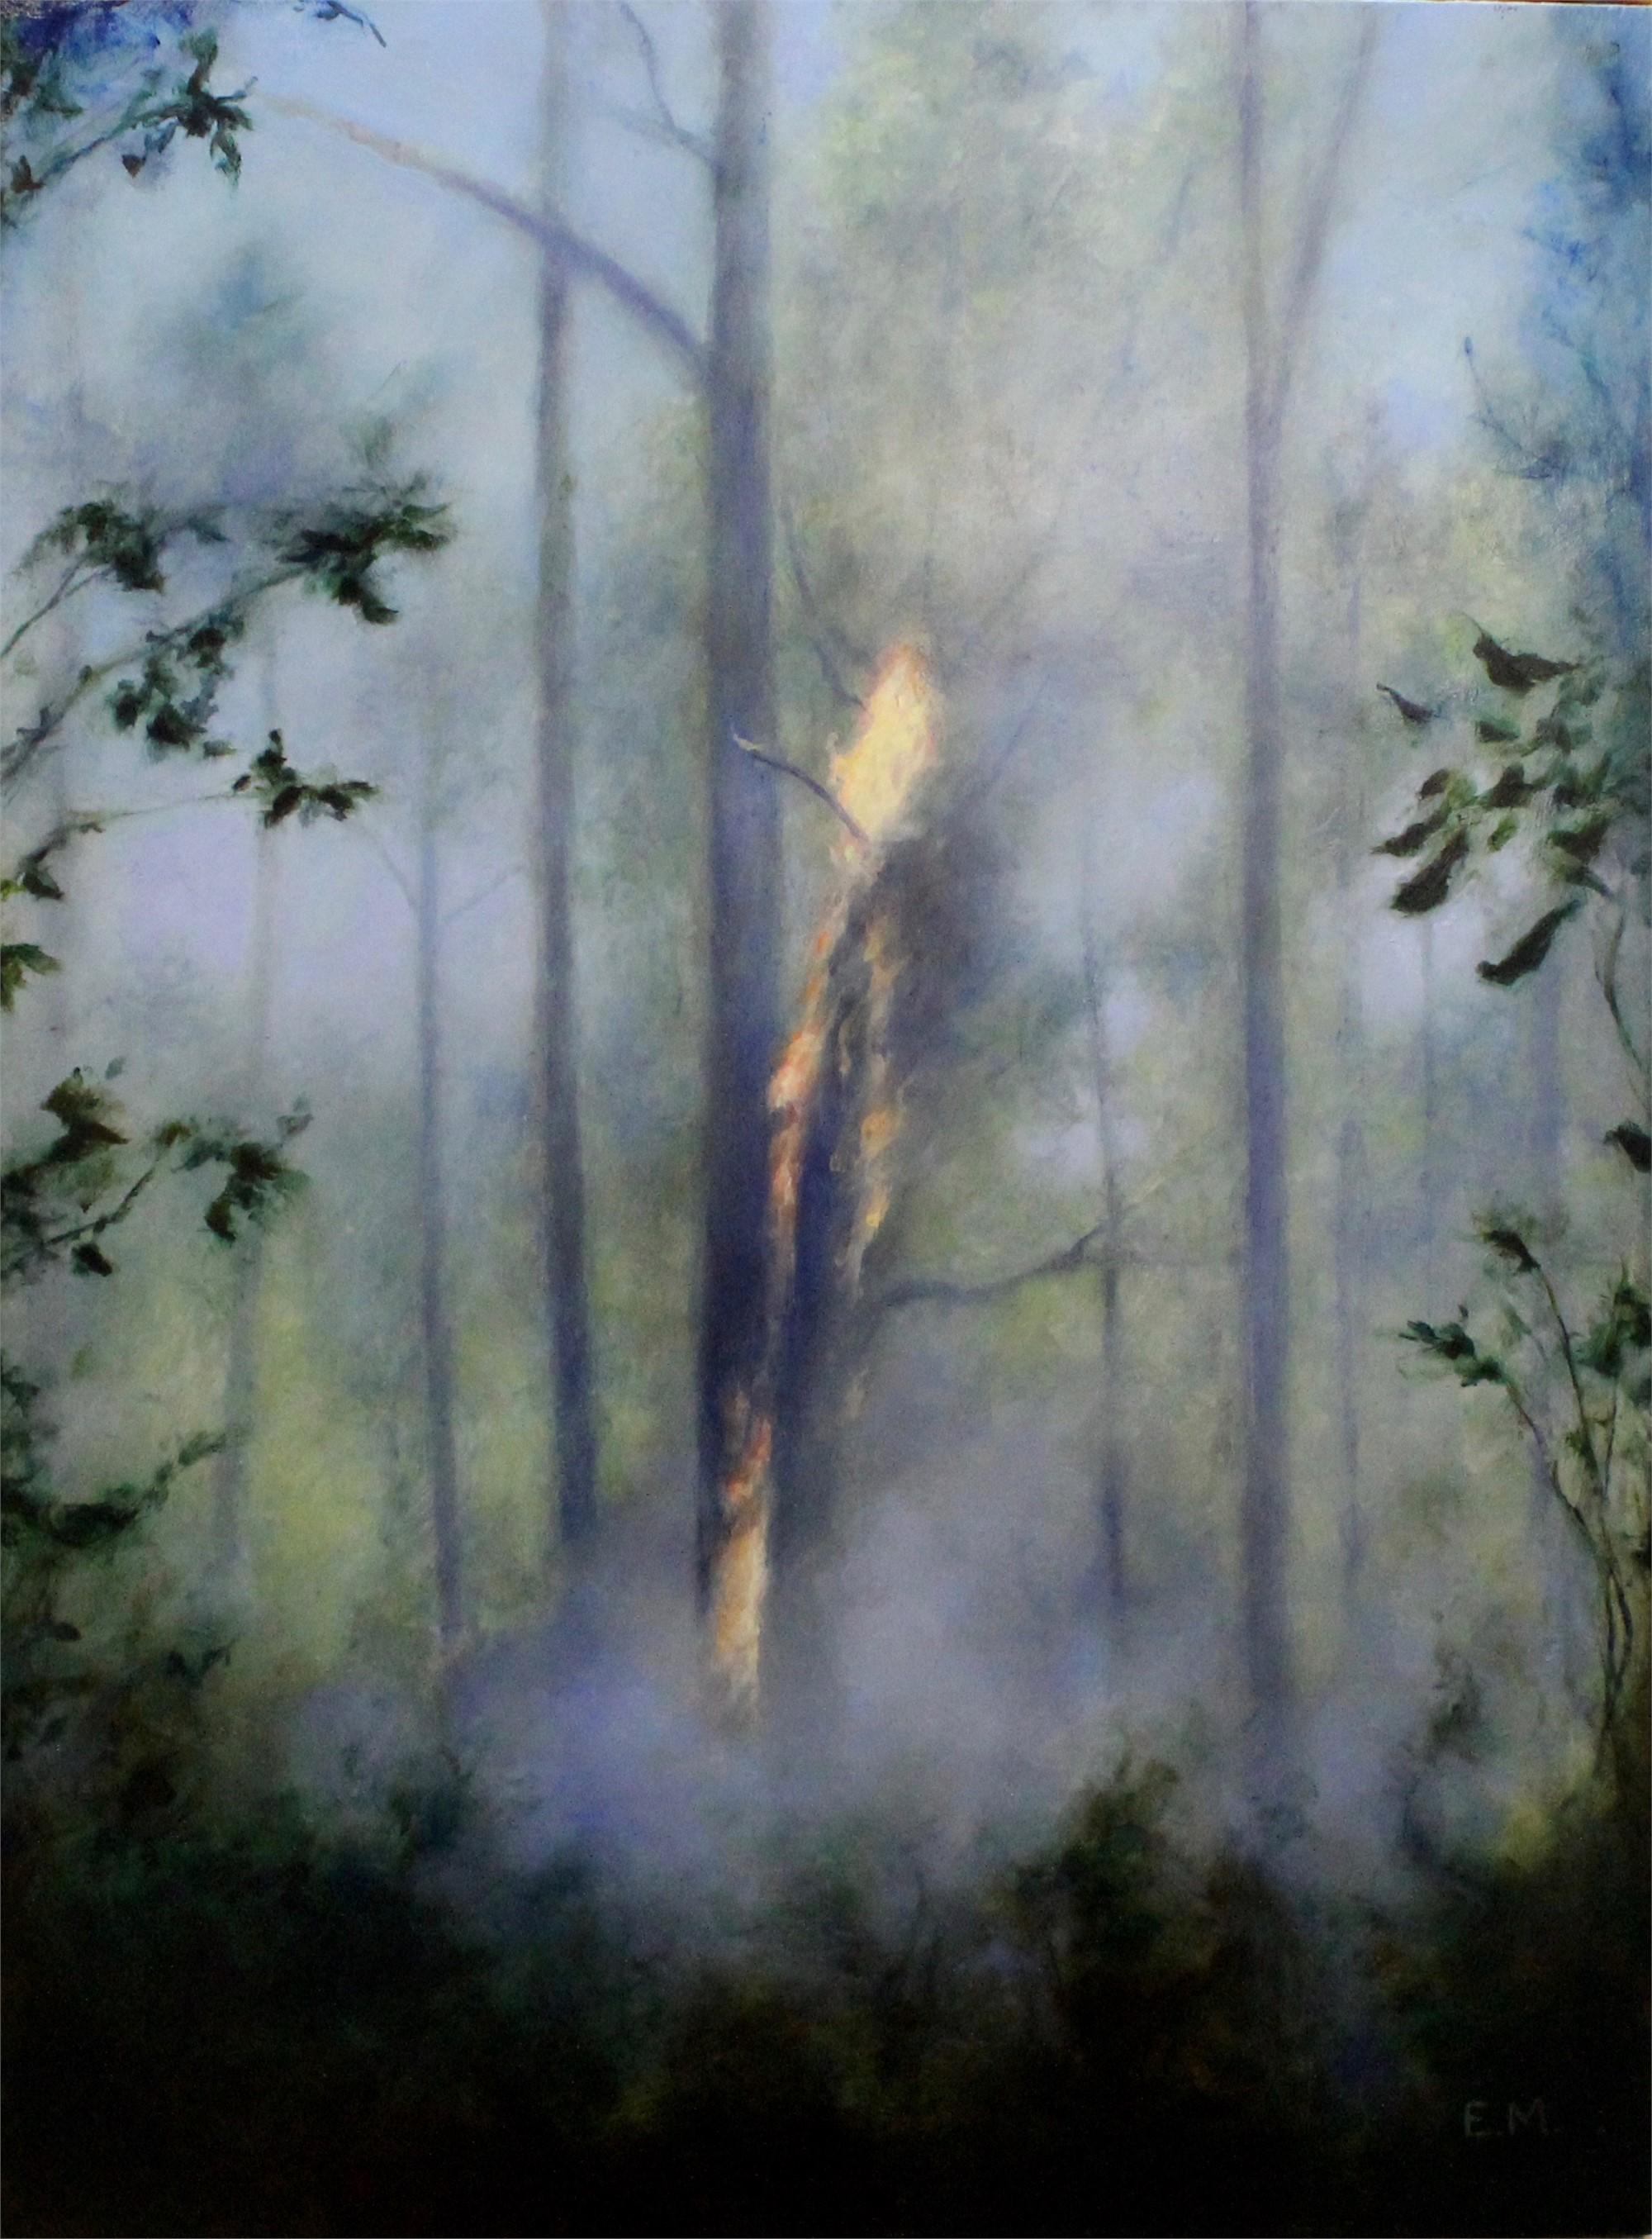 Controlled Burn by Elsa Muñoz